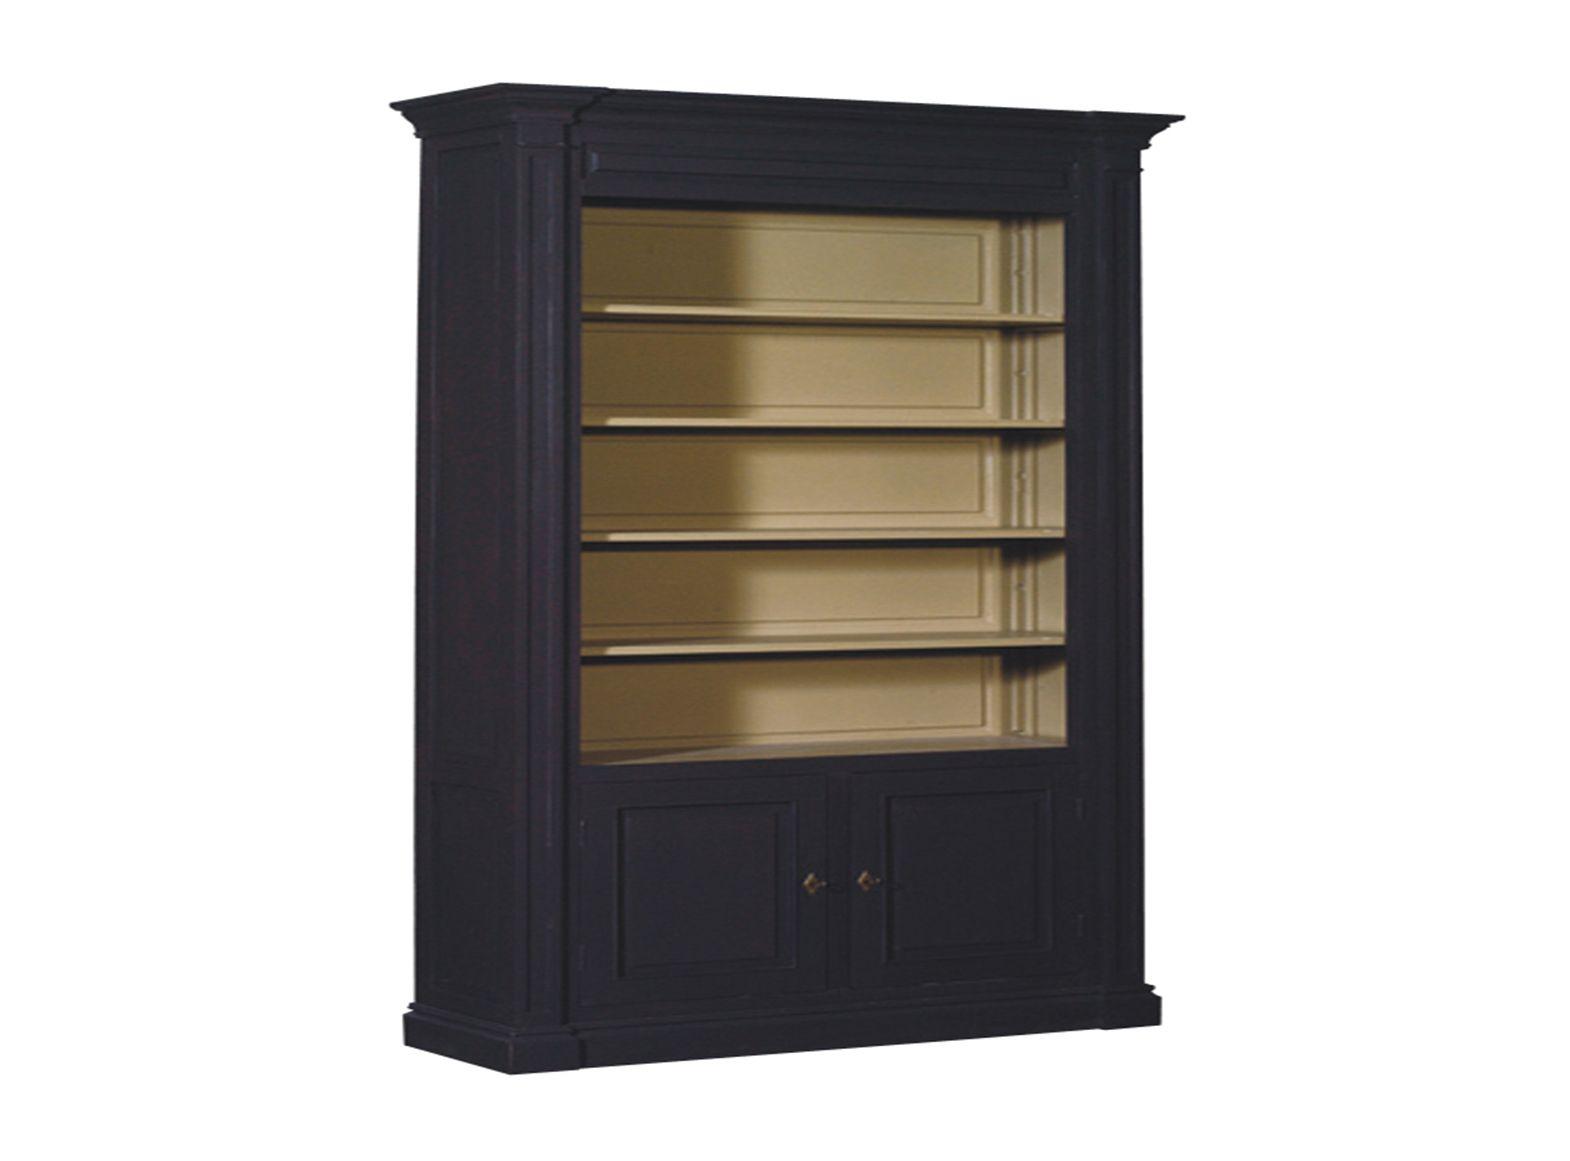 biblioth que signature moulures moderne 2 portes. Black Bedroom Furniture Sets. Home Design Ideas